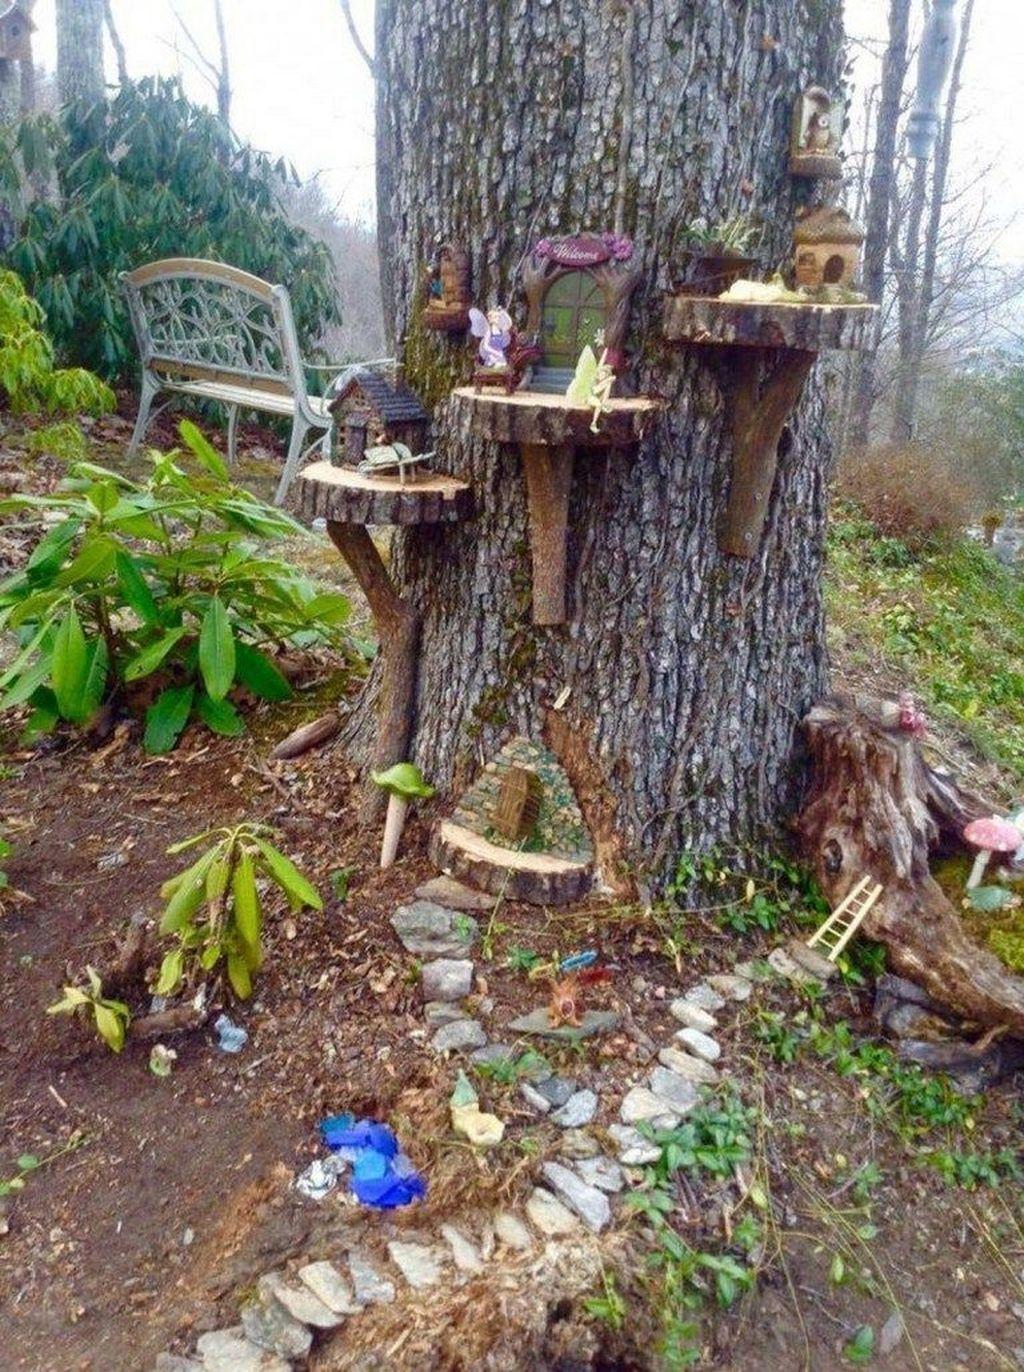 30 Perfect Fairy Garden Ideas To Inspire Your Mini Garden 400 x 300